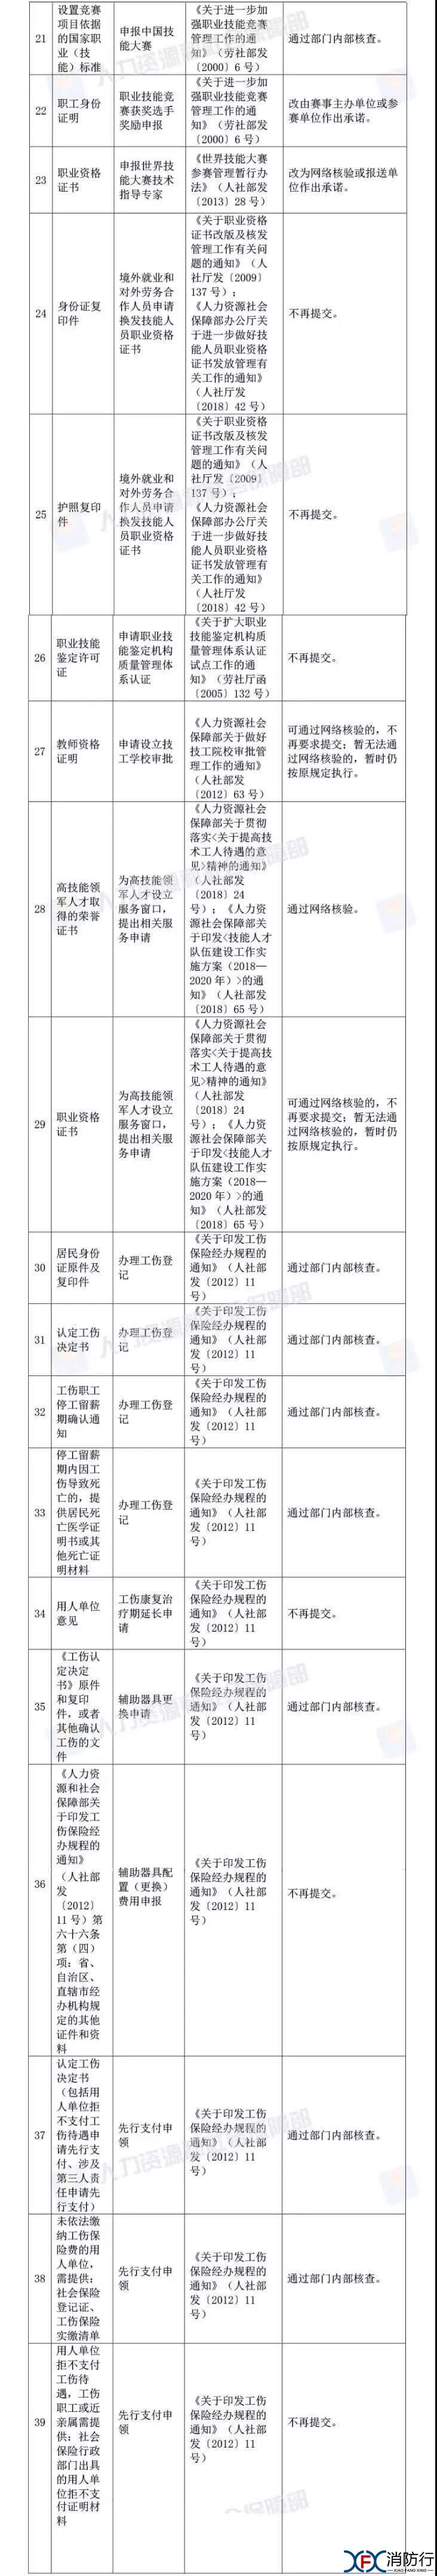 考试 人社部:资格考试审核不用再提供学历和相关工作年限证明!3.jpg.jpg